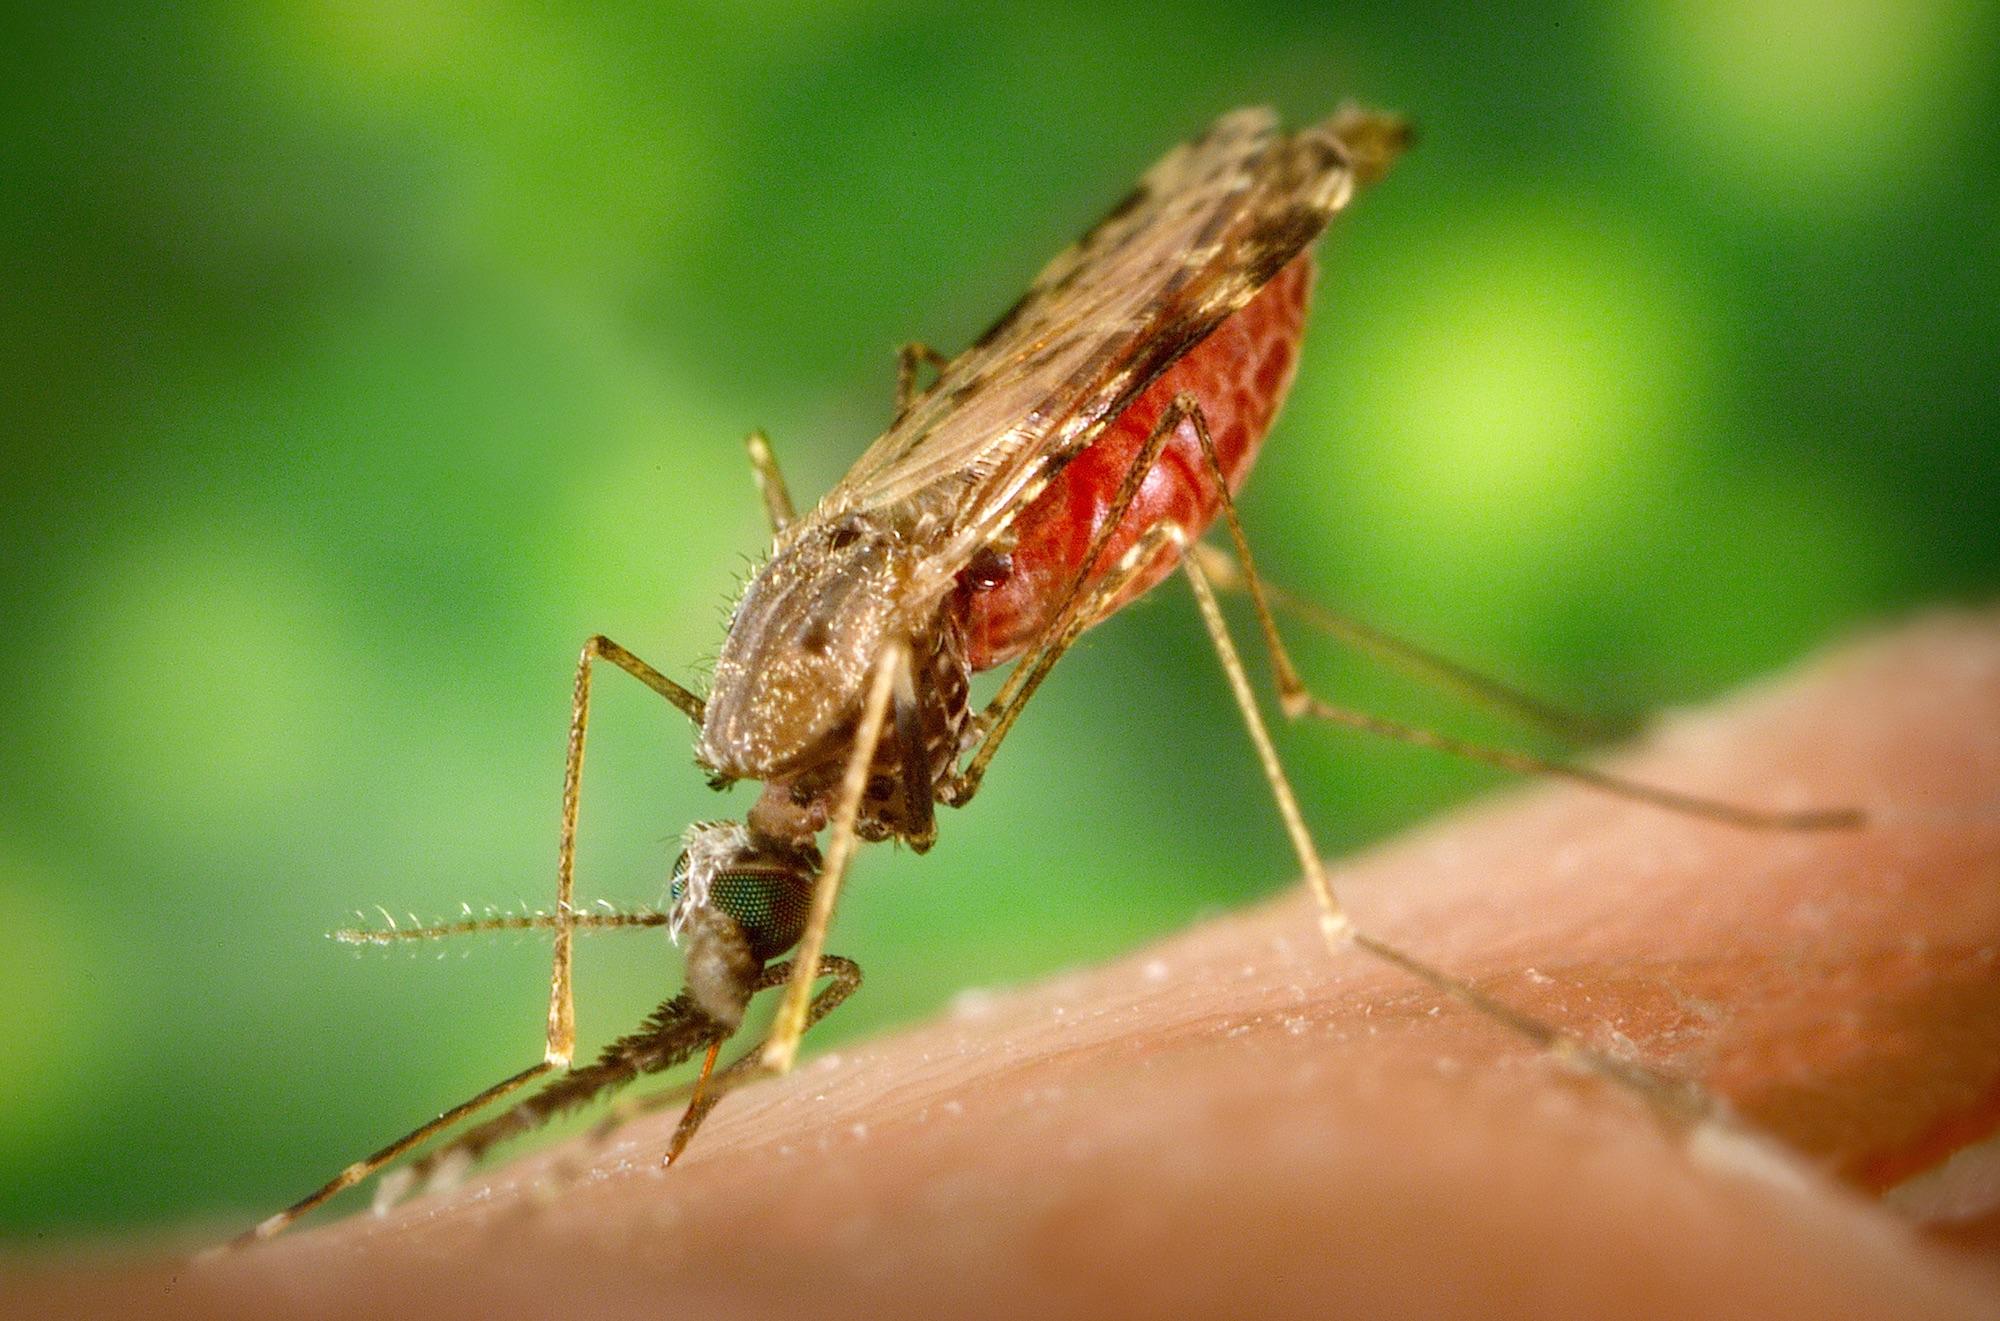 Die Anopheles-Mücke überträgt den Malaria-Erreger.